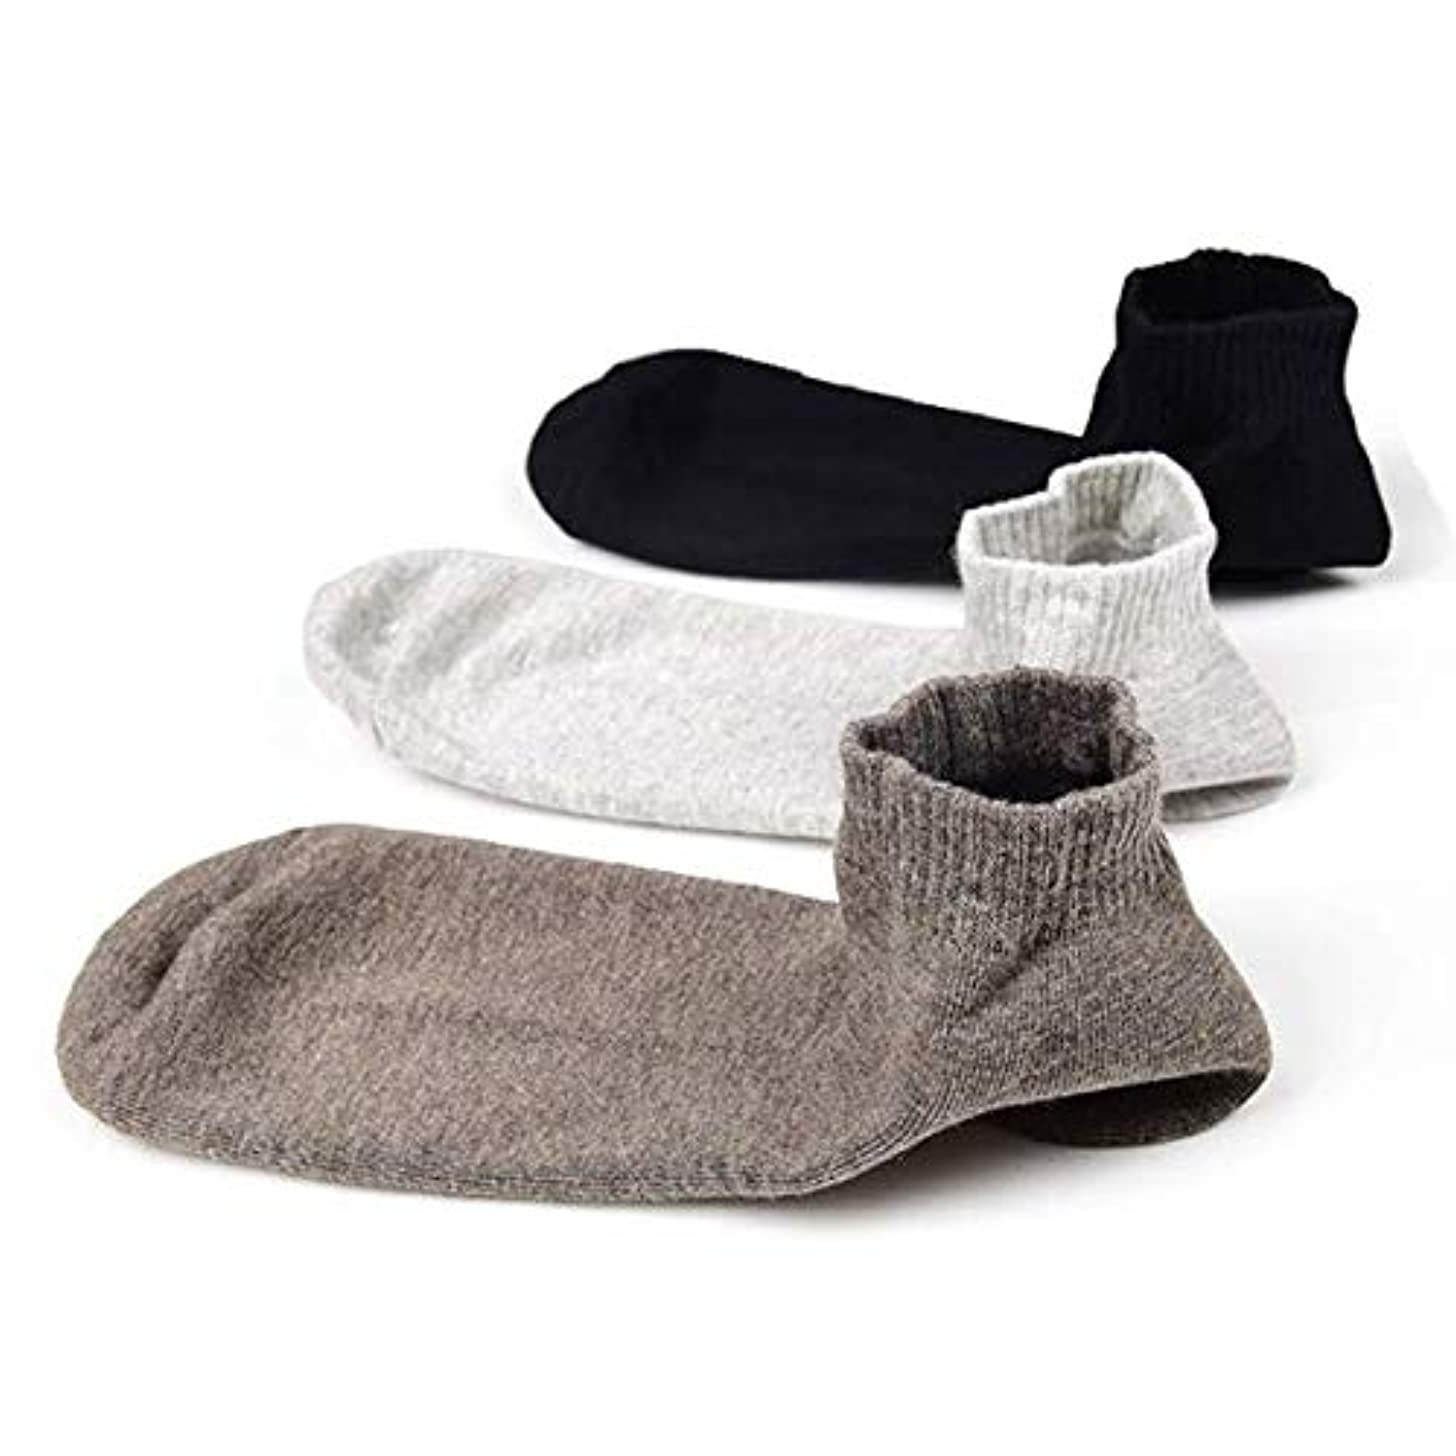 ソーシャル独立した上にSweetimes かかとケアソックス 保湿効果 靴下 がさがさ つるつる ひび割れ うるおい 3色セット No.149 (男性)